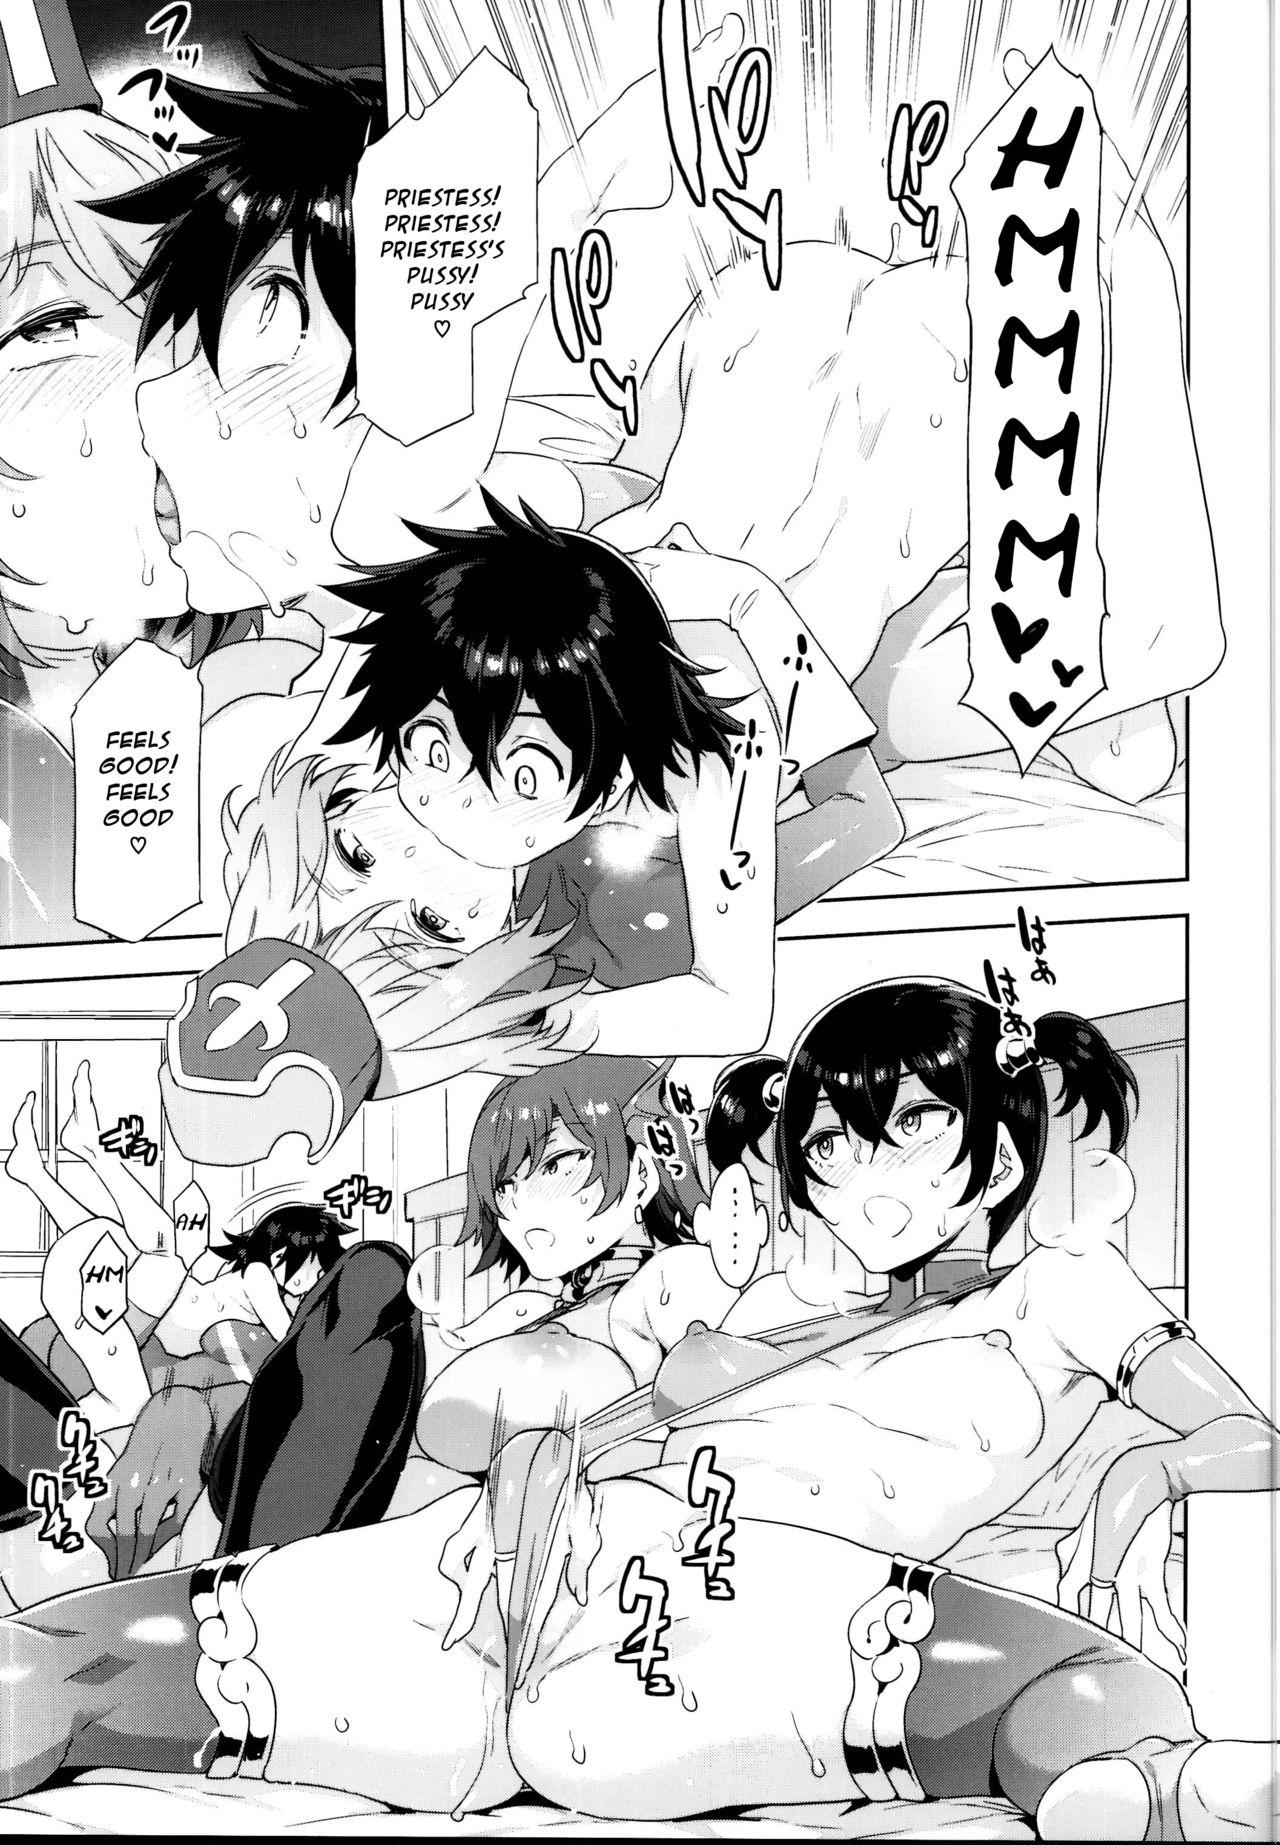 Seiyoku ni Shoujiki Sugiru Shota Yuusha   The boy hero who was too frank with his lust/Seiyoku ni Shoujiki Sugiru Shota Yuusha 18